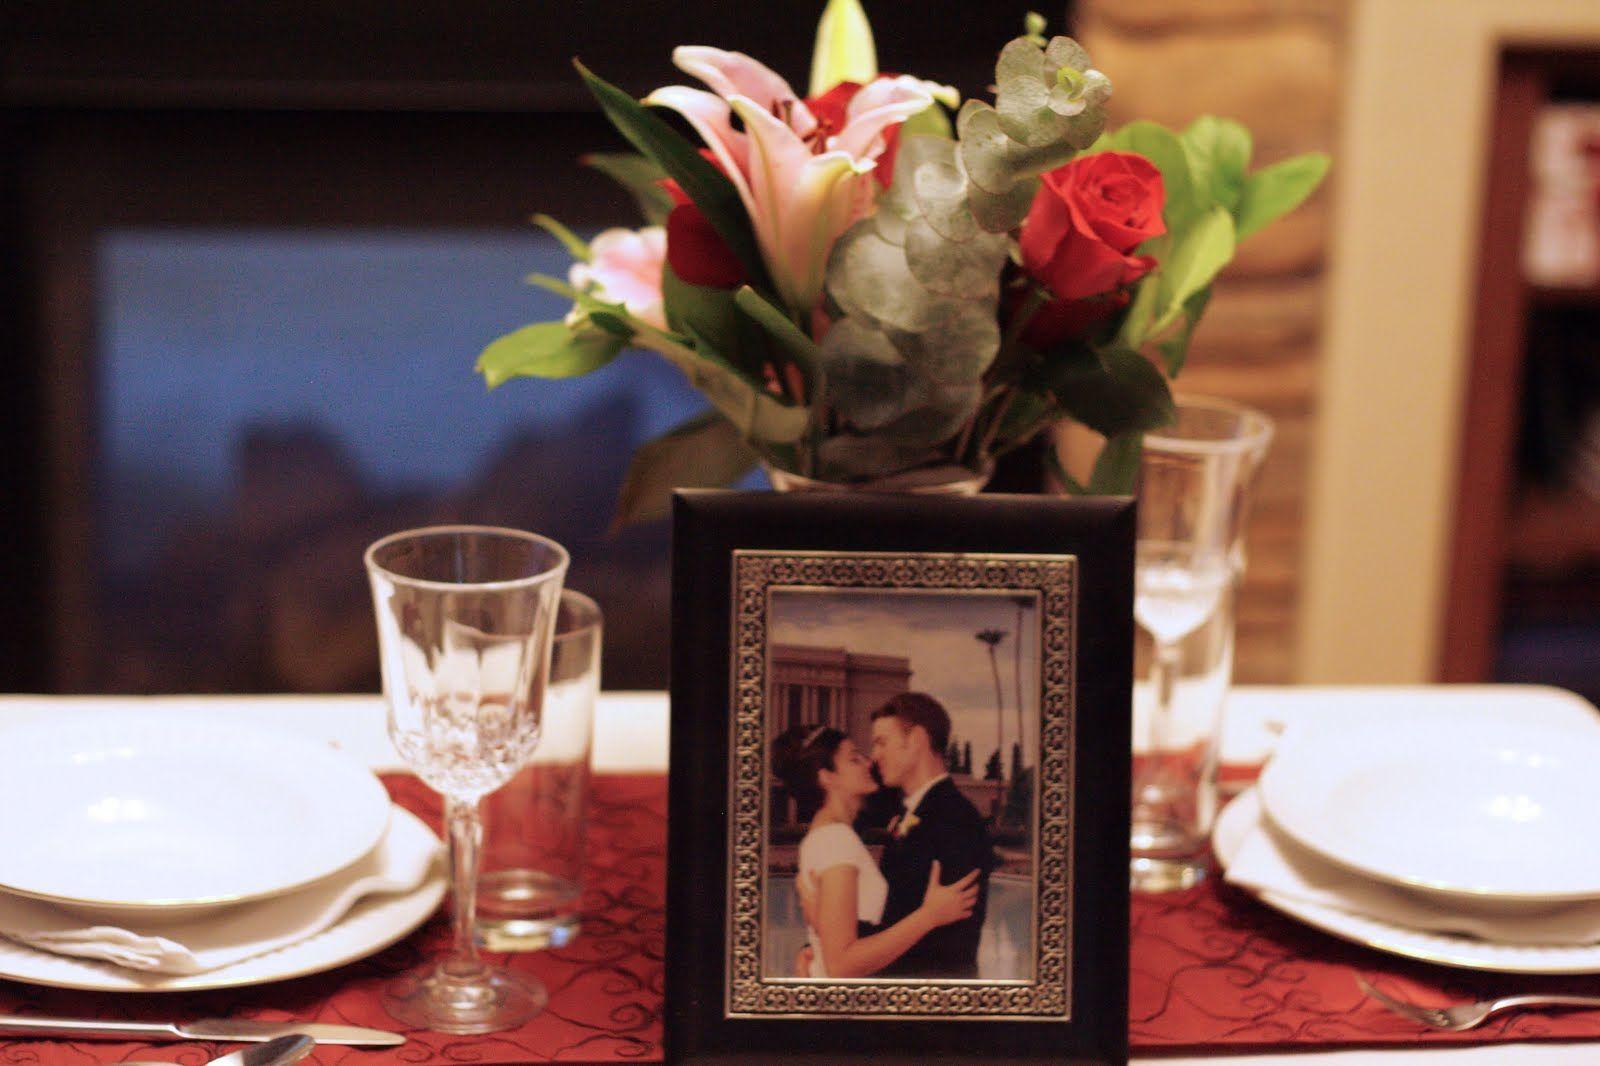 Anniversary Dinnerfamily style Anniversary dinner